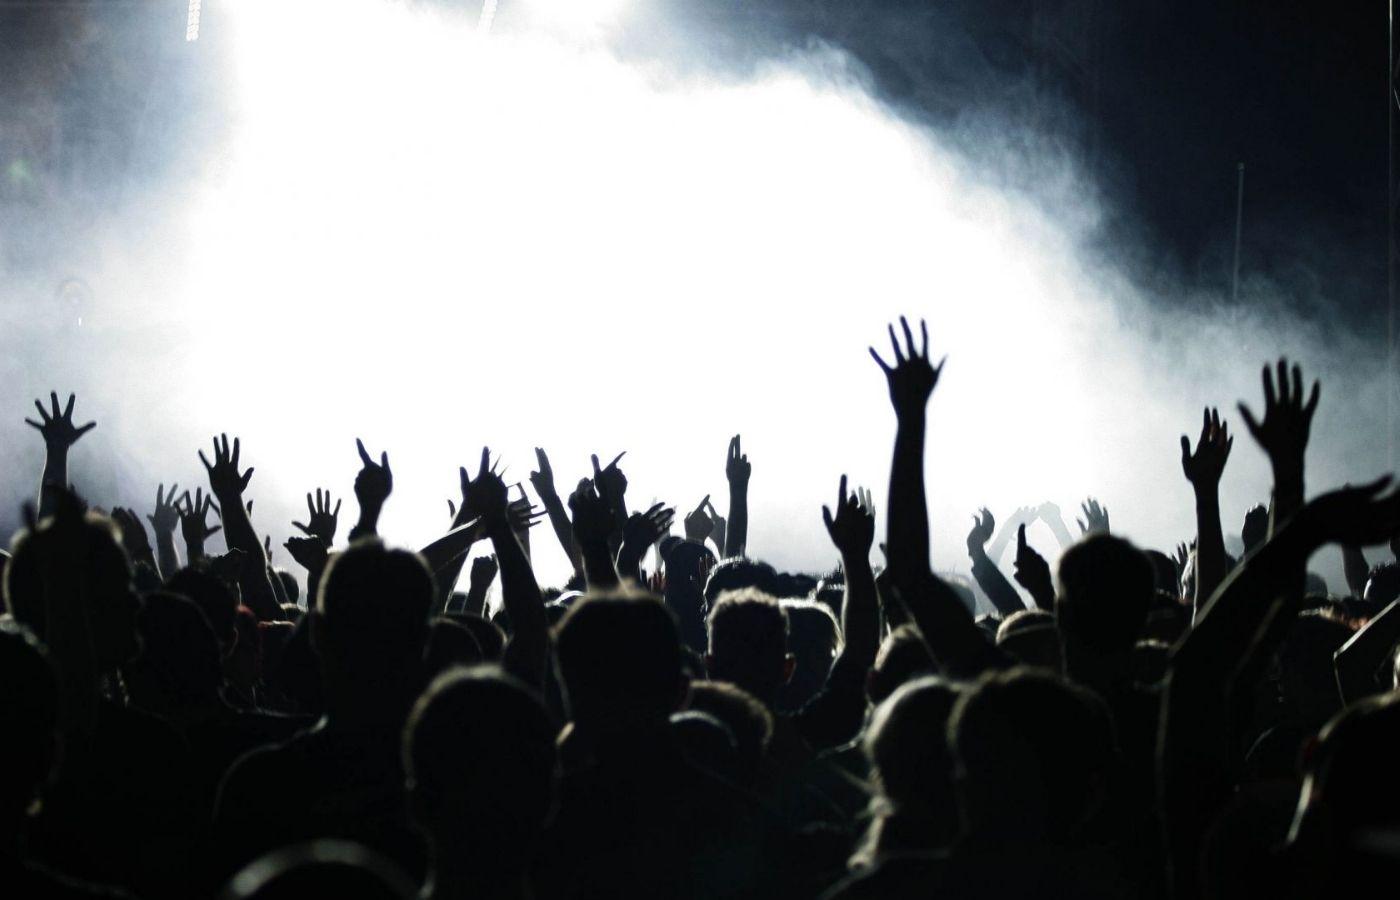 La industria de la música en vivo podría volver a sus ganancias anteriores al COVID-19 recién en 2025